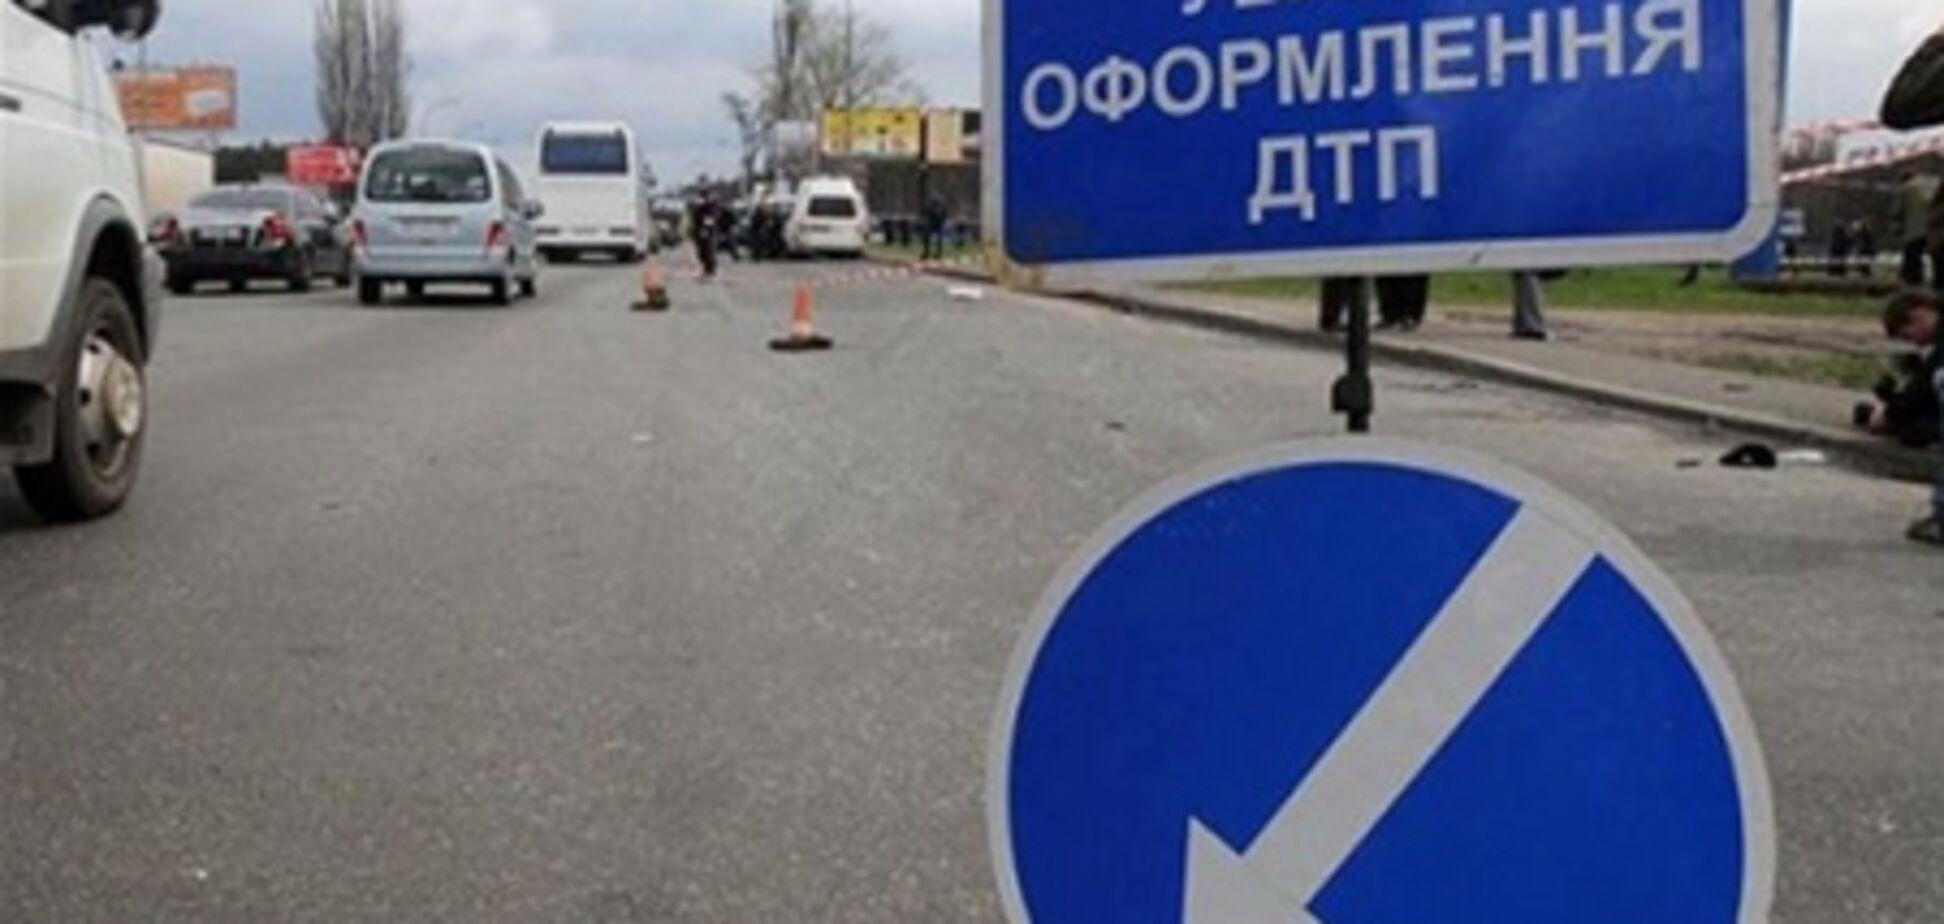 Ситуація на дорогах 15 вересня: 115 ДТП, 26 загиблих